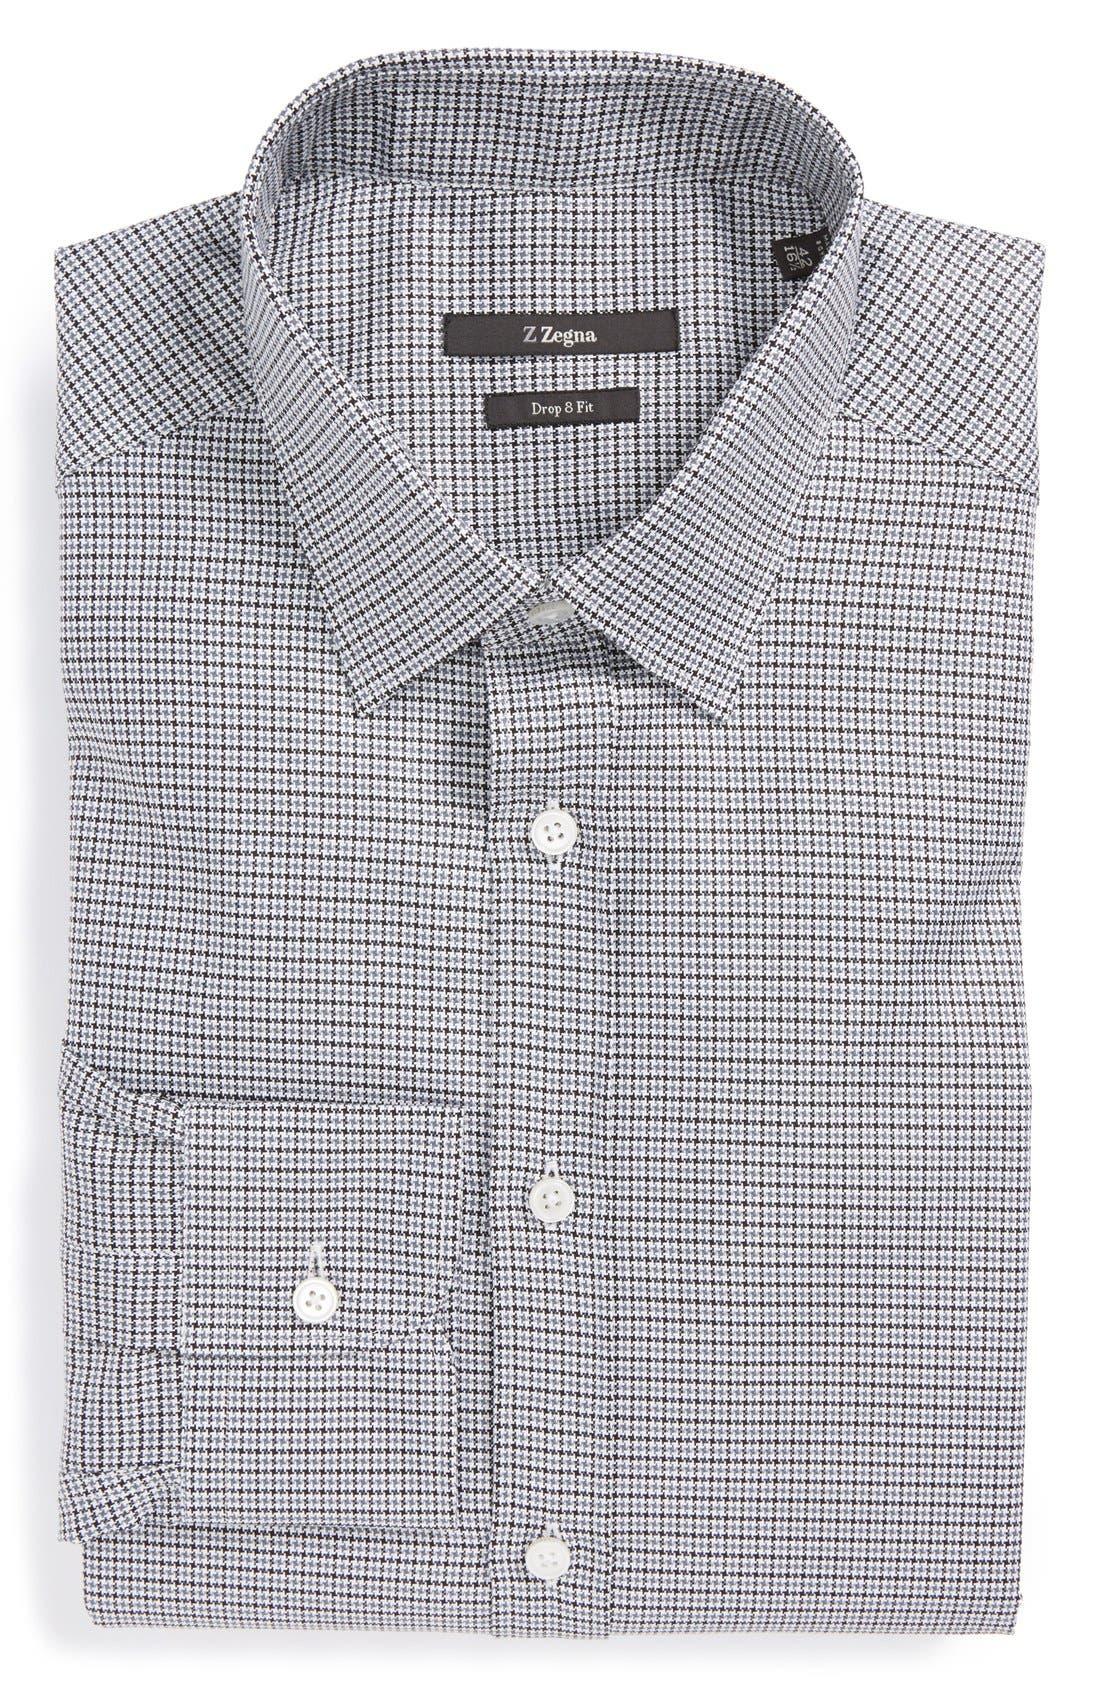 Alternate Image 1 Selected - Z Zegna Slim Fit Houndstooth Dress Shirt